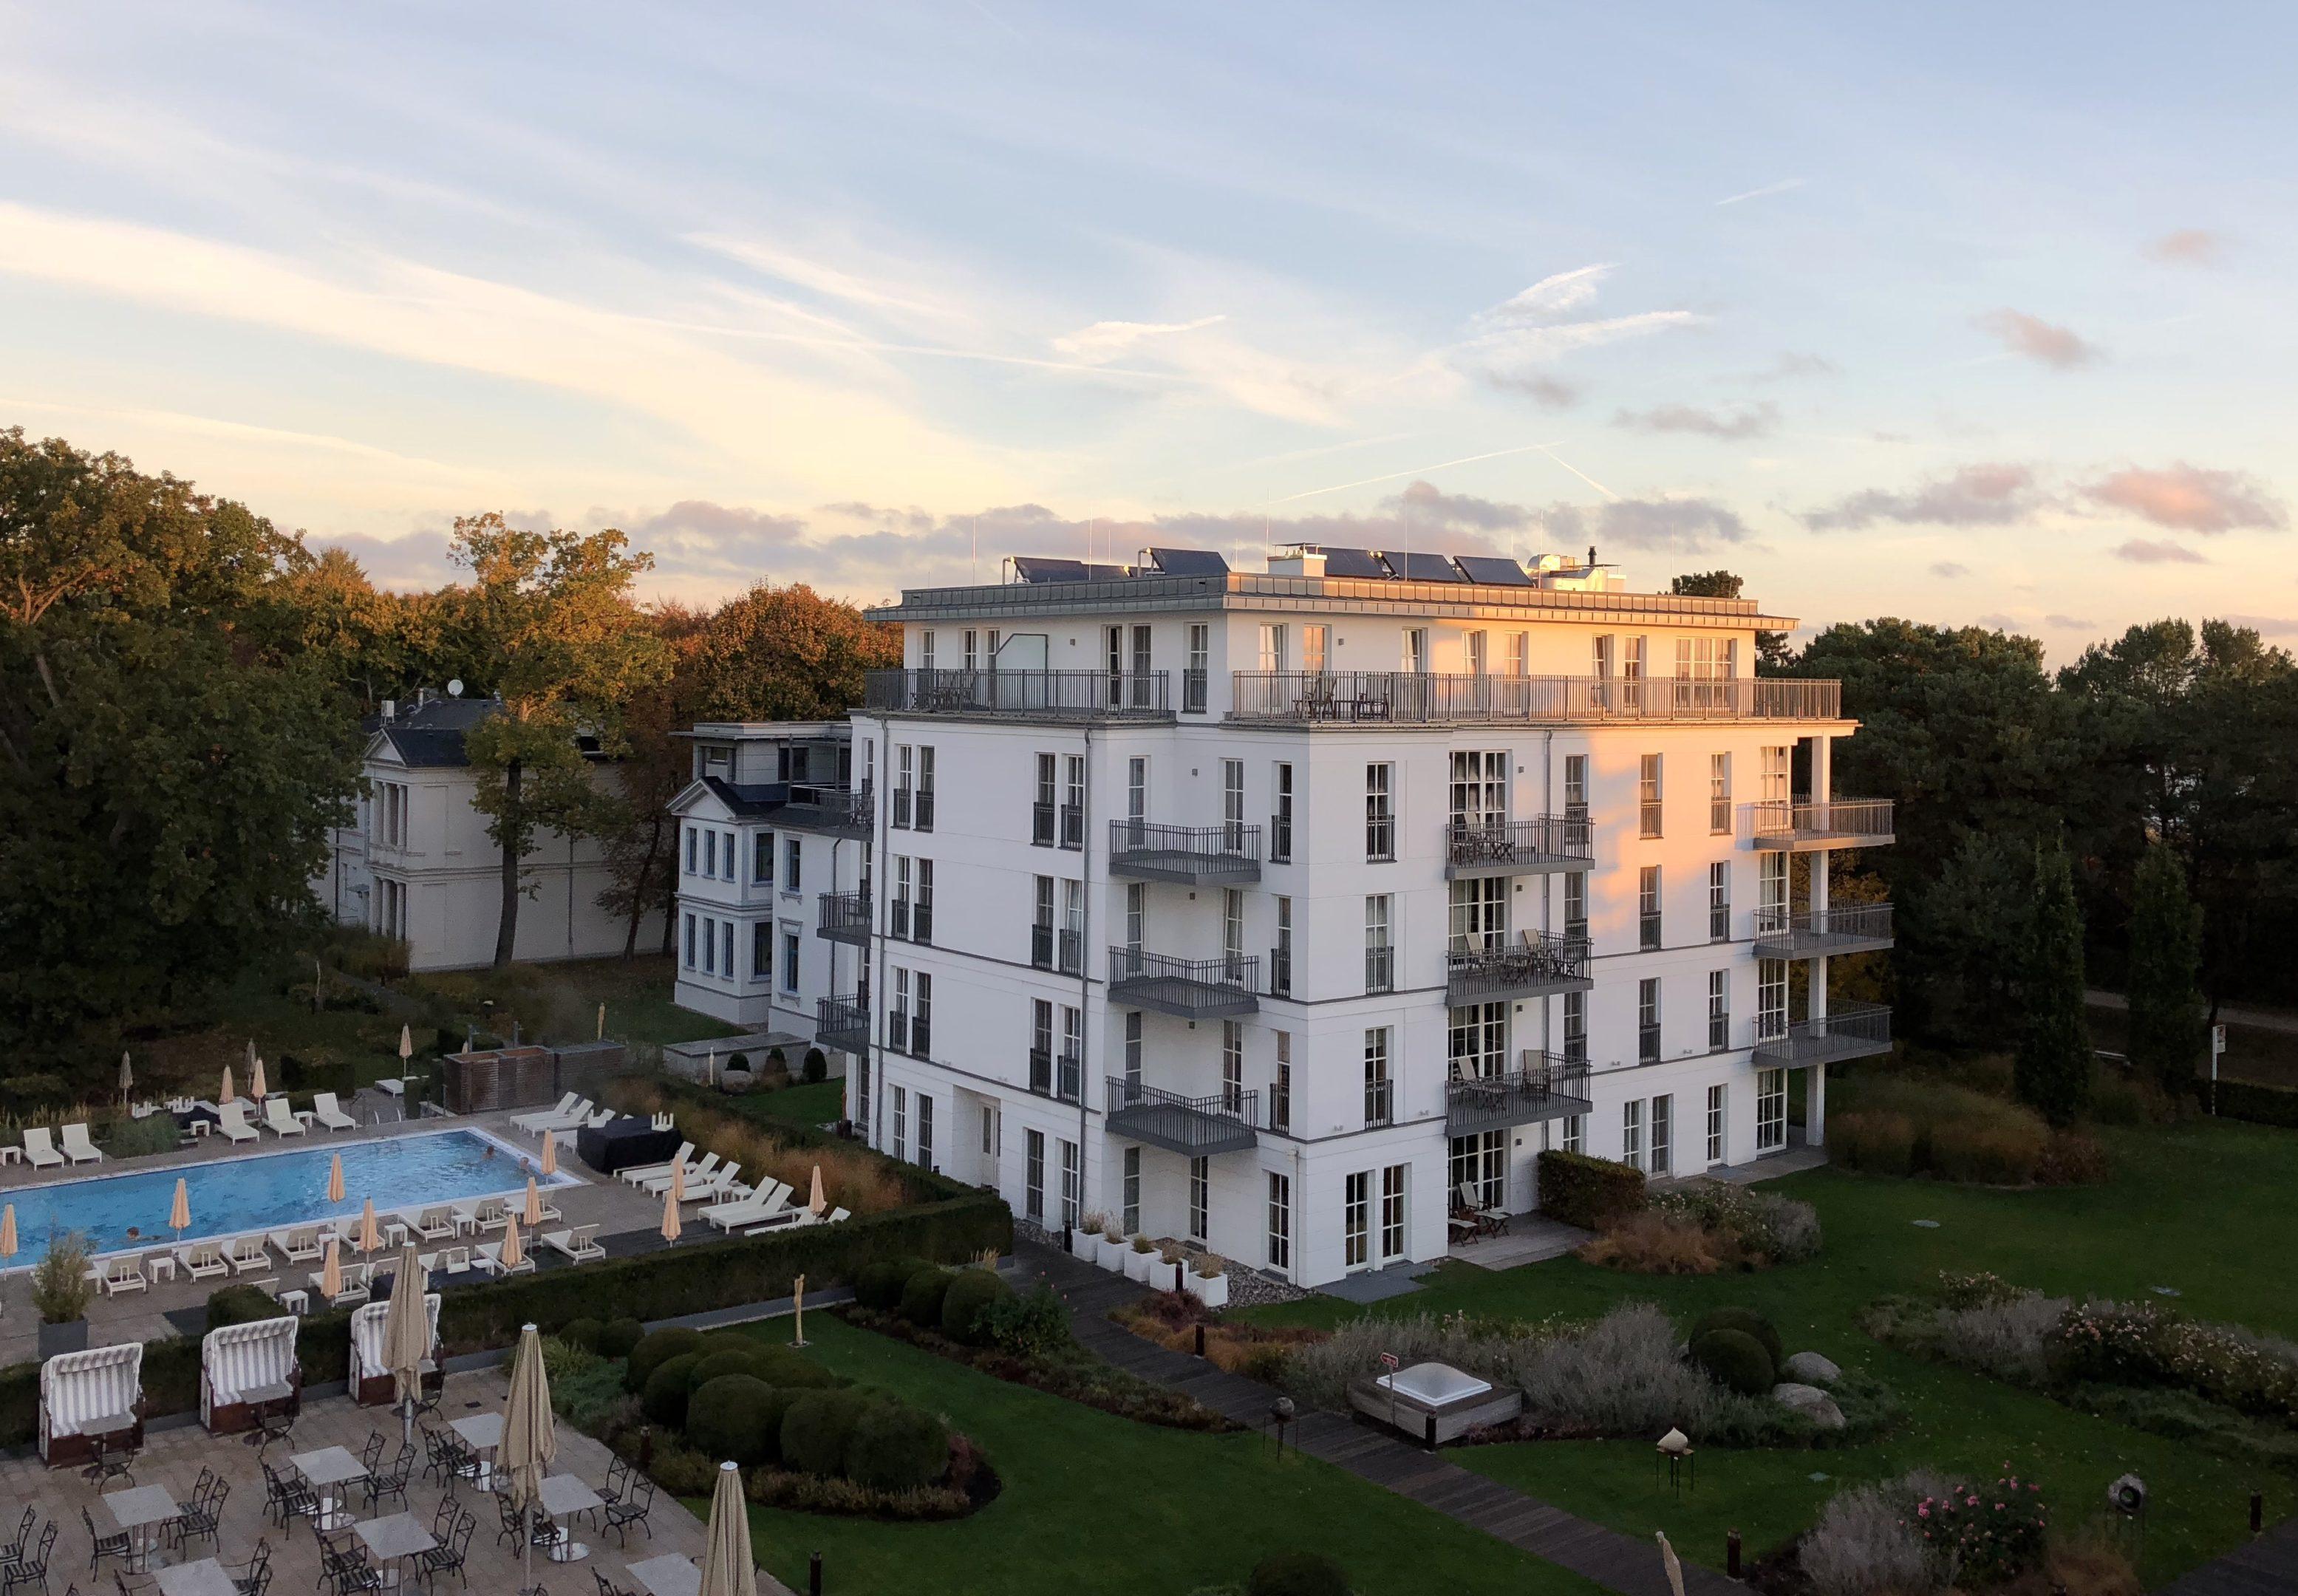 Steigenberger Smart Special – Hotels mit bis zu 25% Rabatt buchen